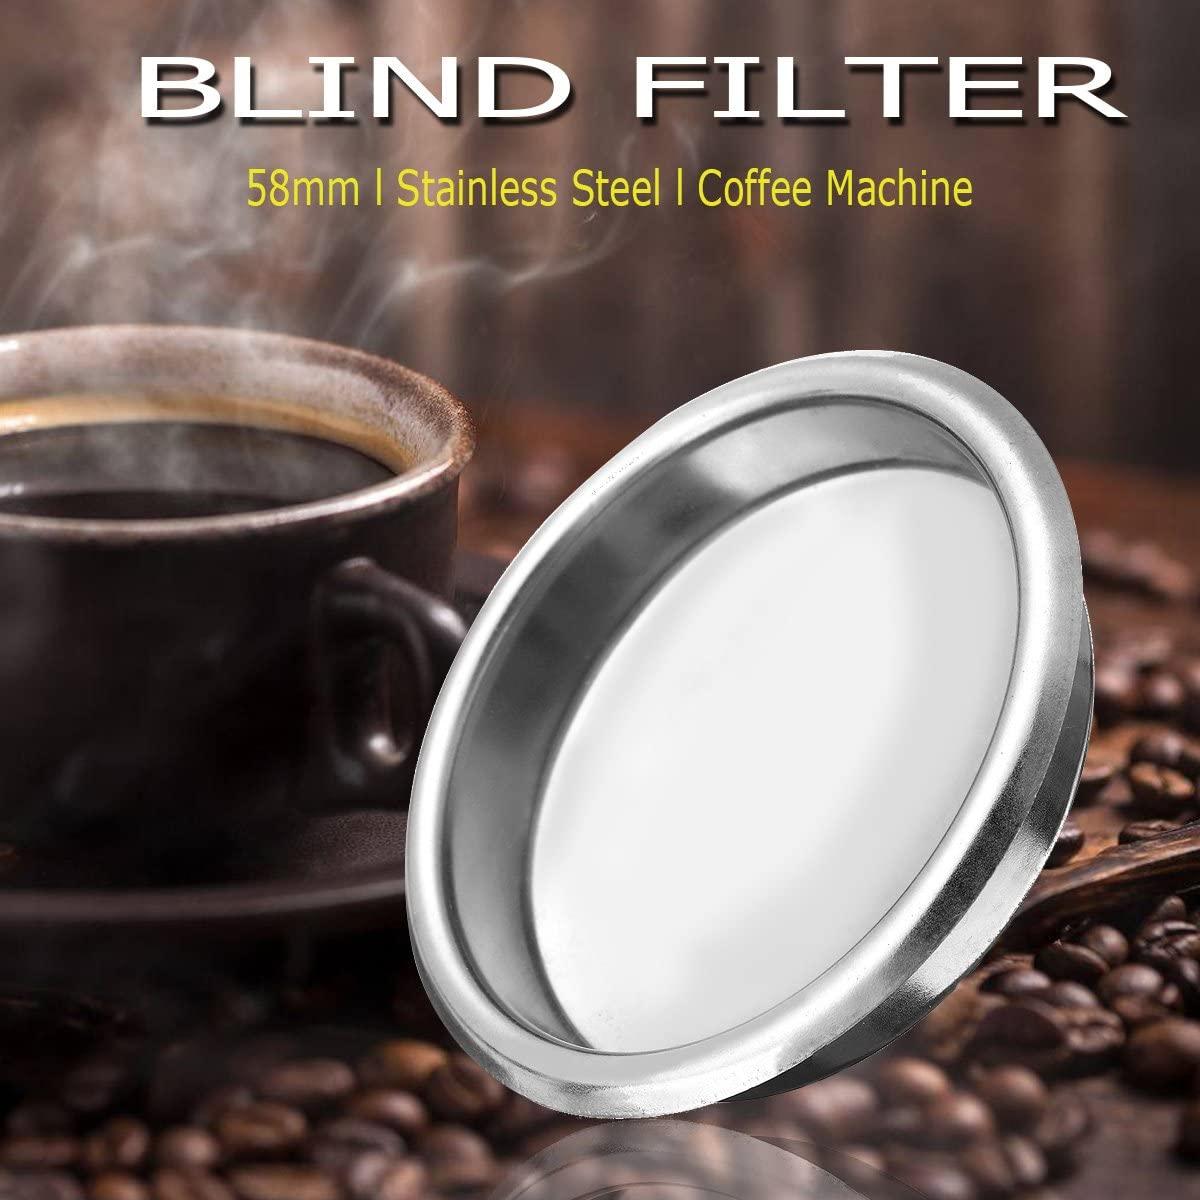 HAPYLY 58mm Metal Blind Filter for Espresso Coffee Machine Maker Back Flush Insert Basket